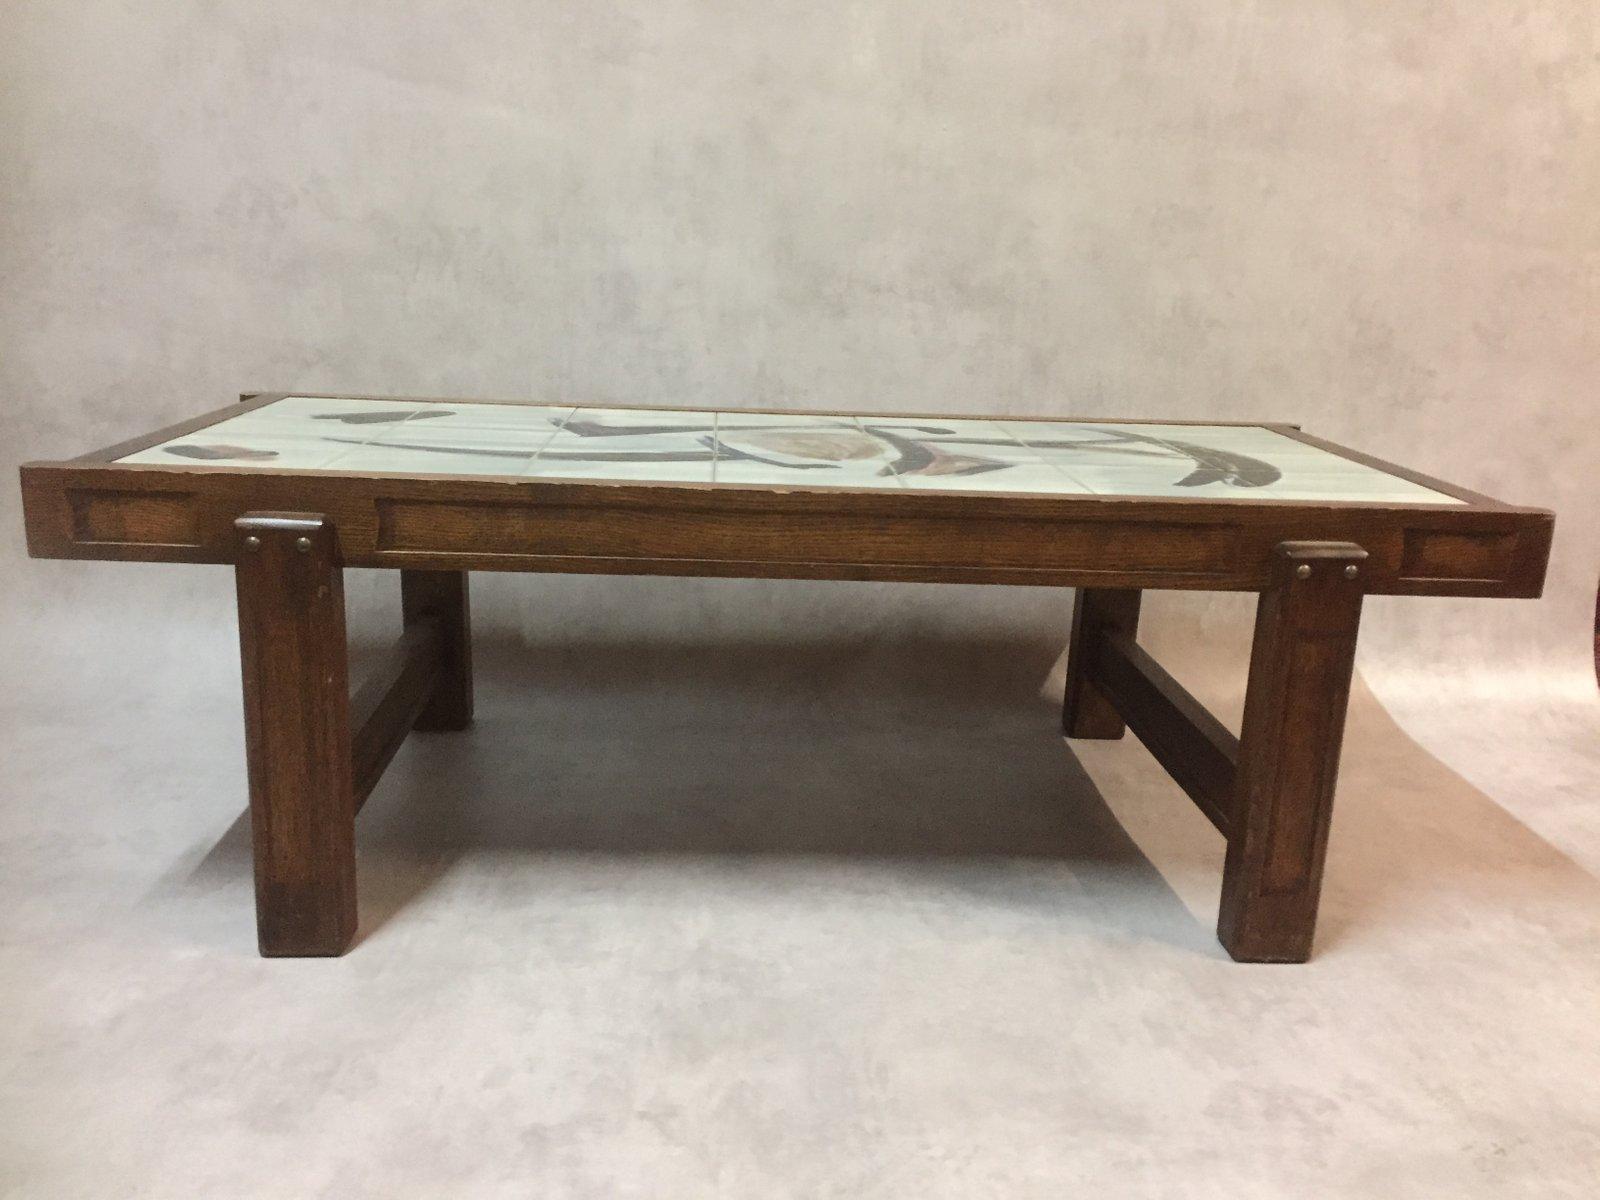 table basse vintage en c ramique et ch ne par juliette belarti en vente sur pamono. Black Bedroom Furniture Sets. Home Design Ideas